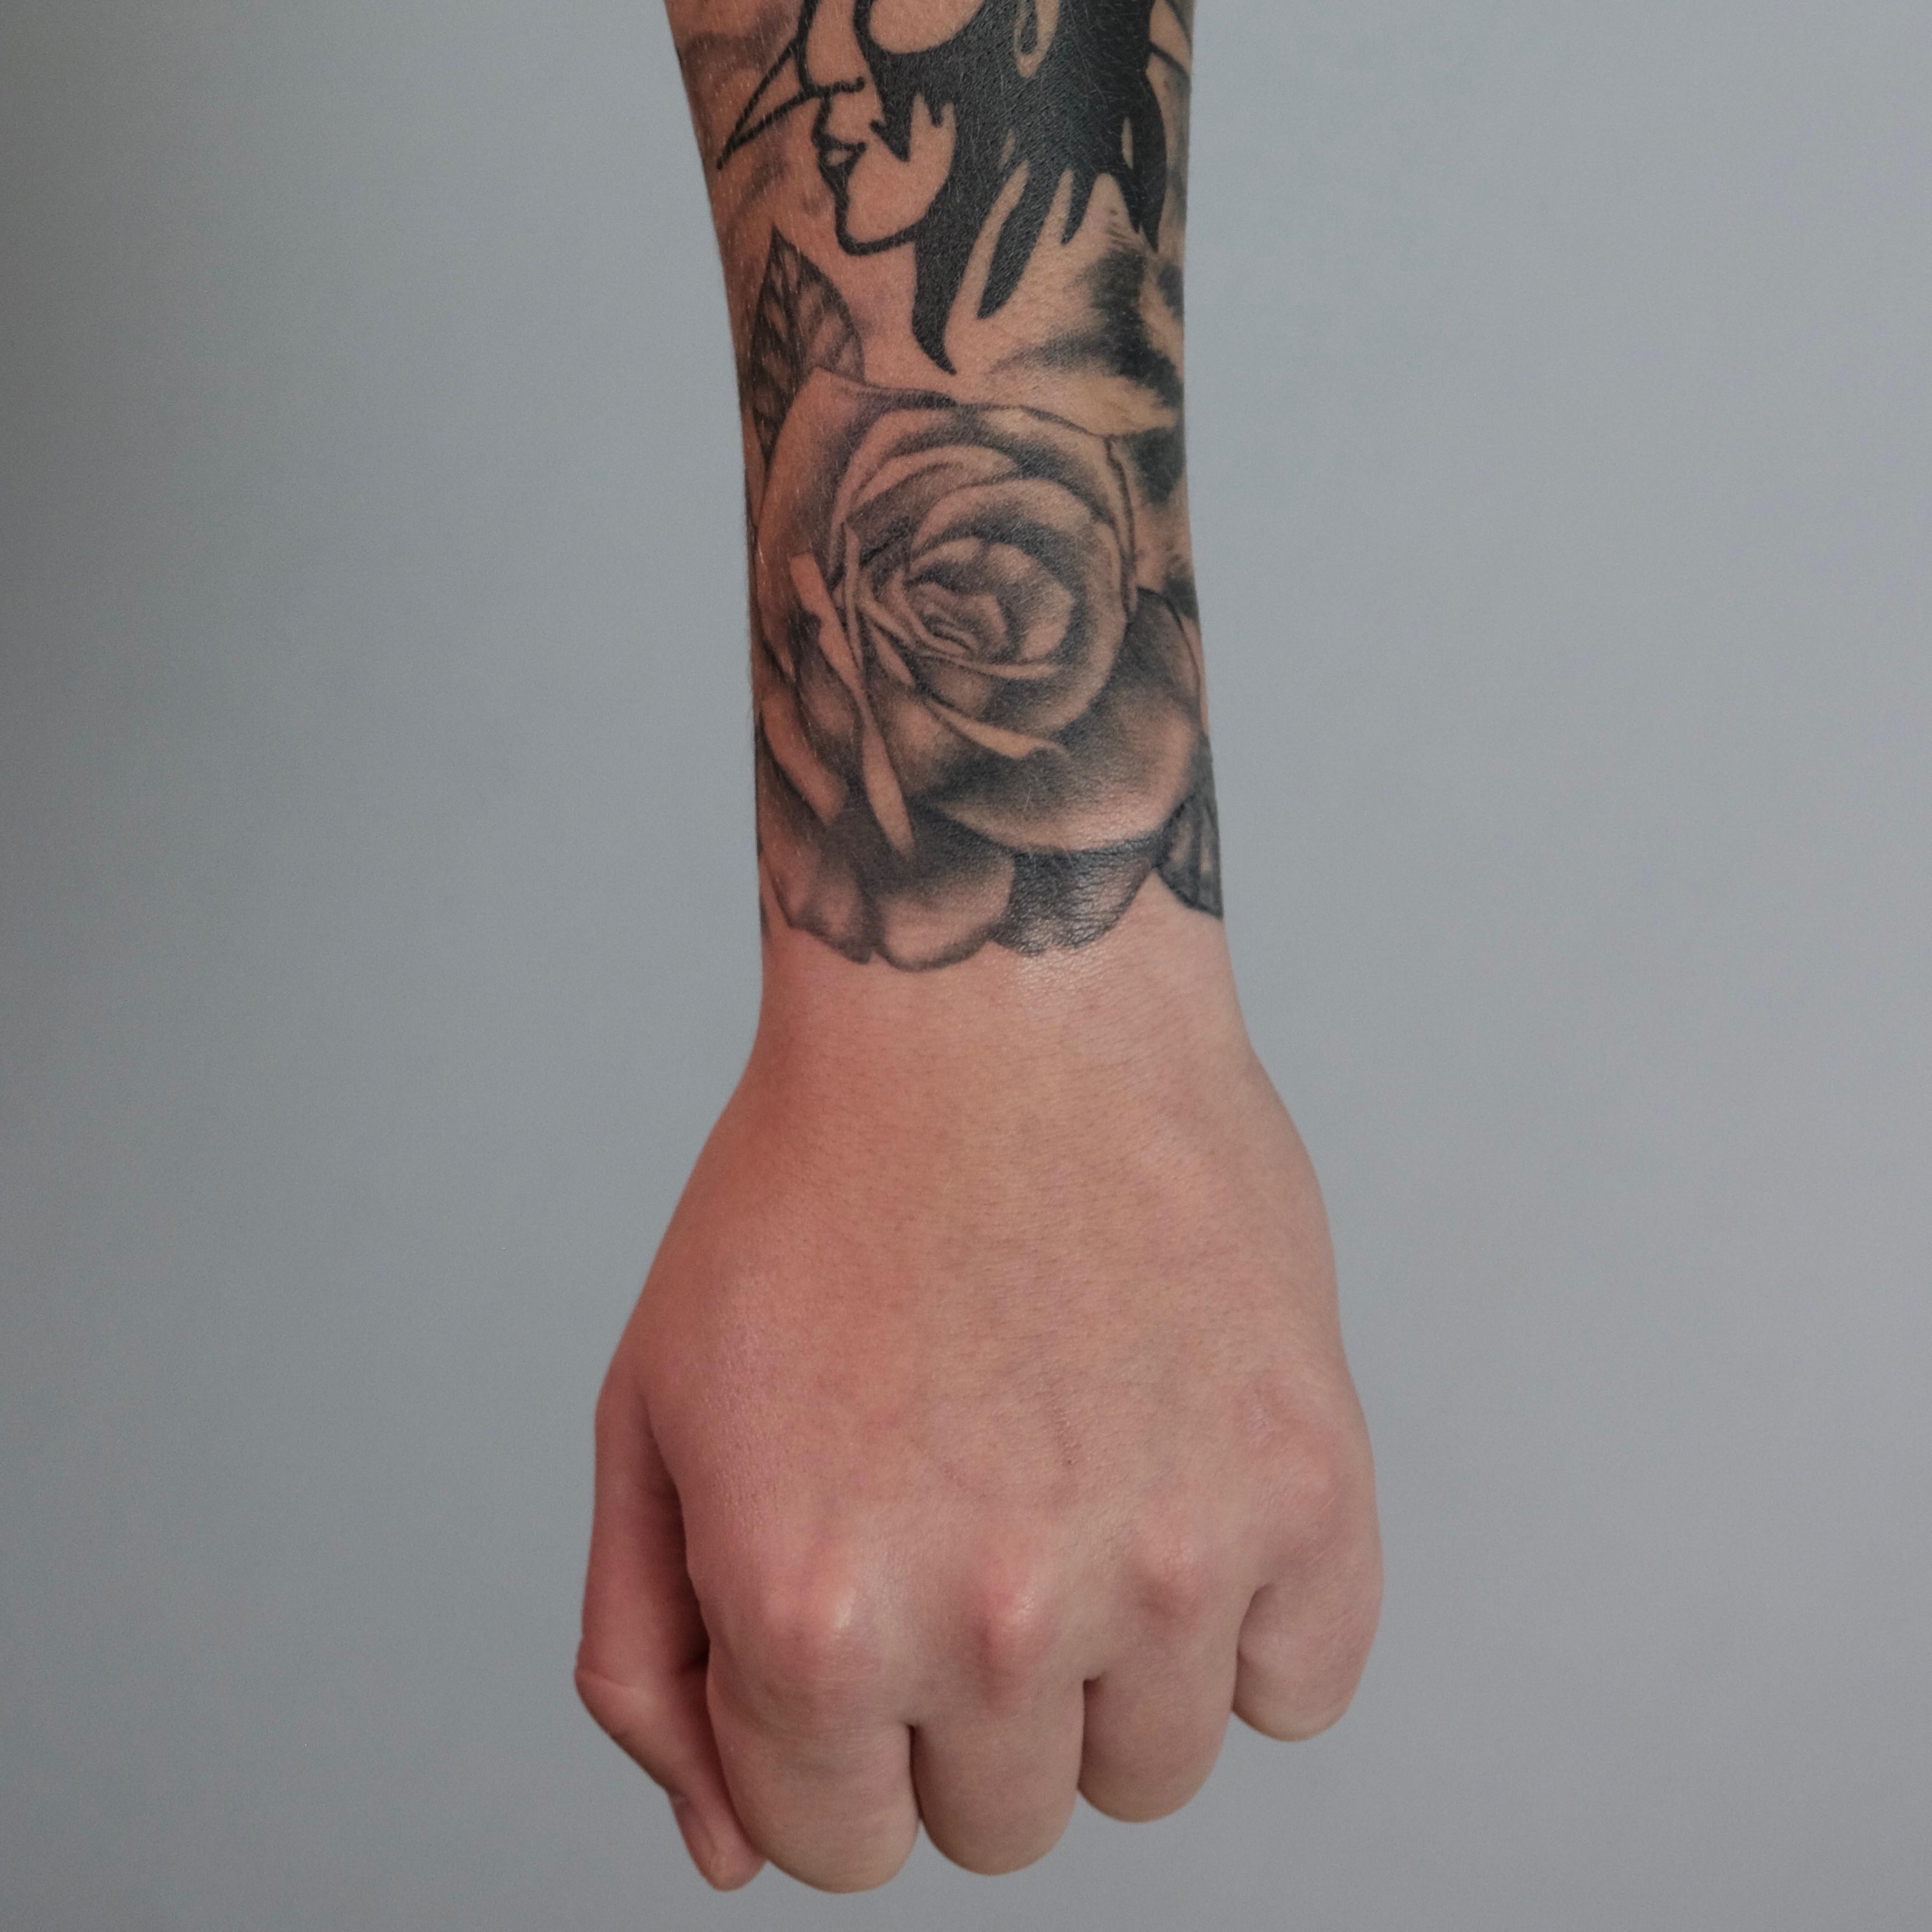 rozlyndubz | Healed Tattoos